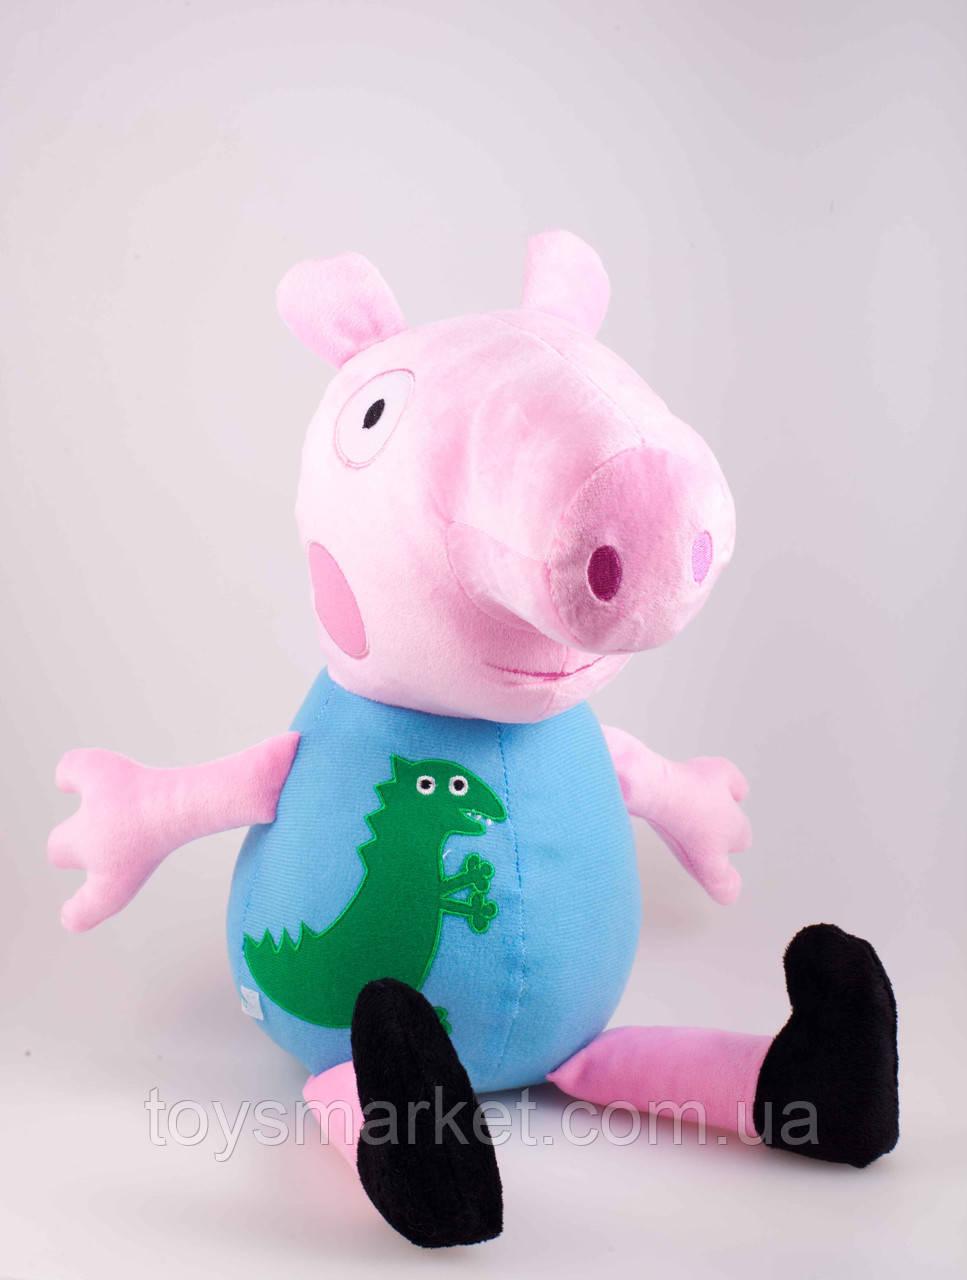 Мягкая игрушка свинка Джордж, Свинка Пеппа